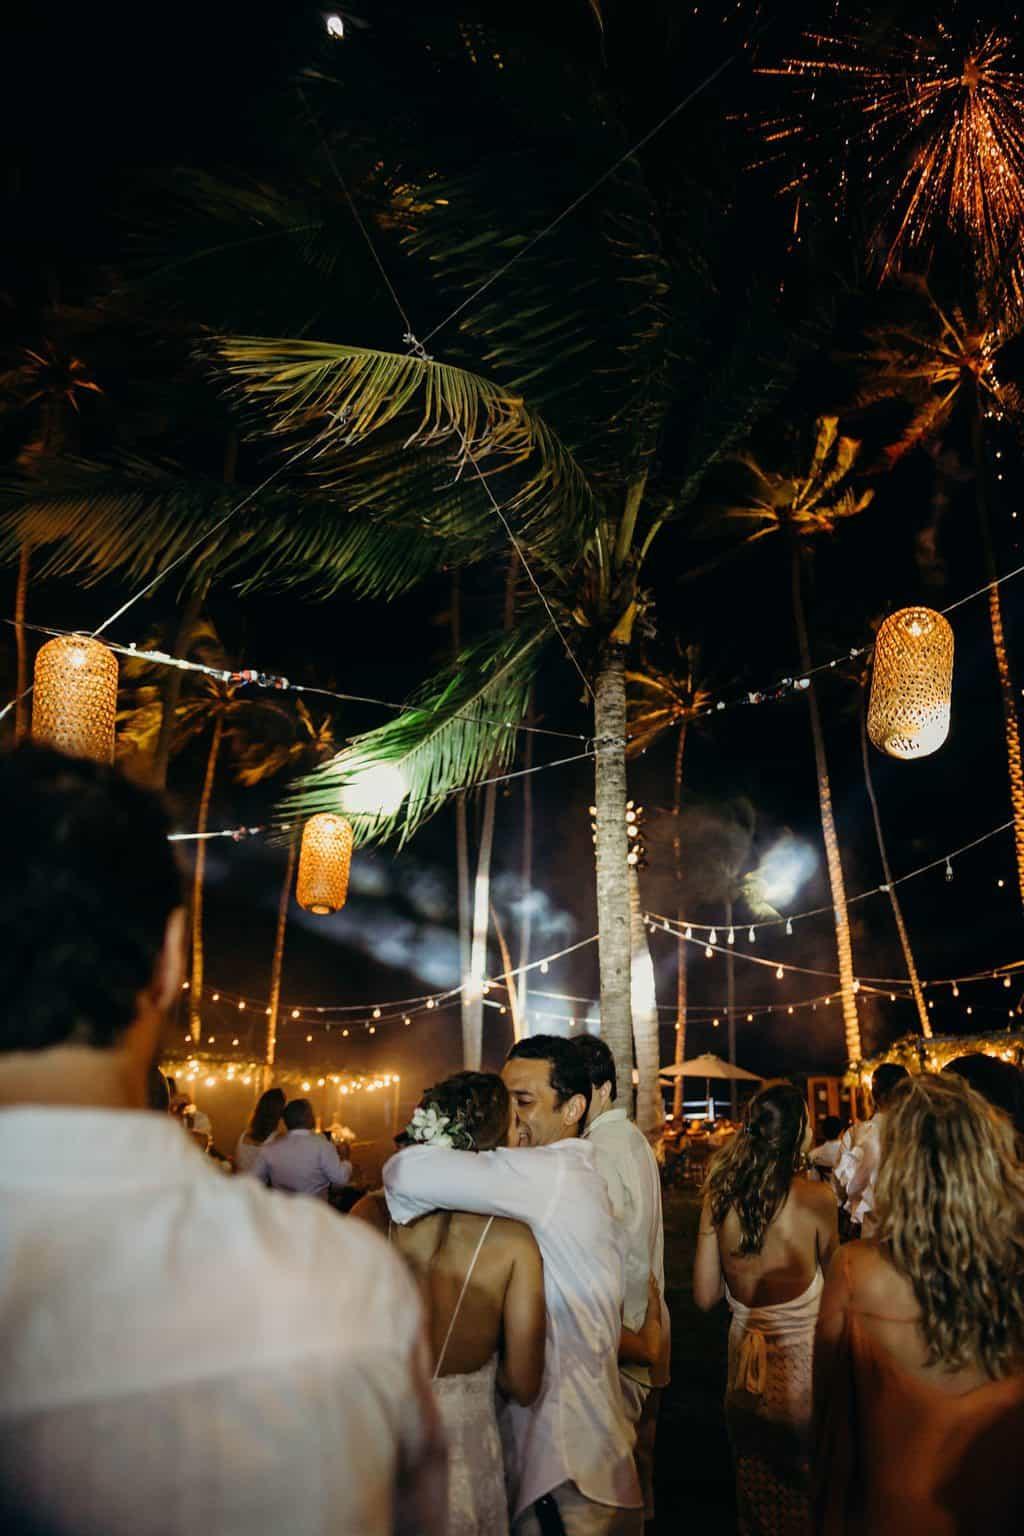 casamento-Danielle-e-Guilherme-aloha-fotografia-caseme-154